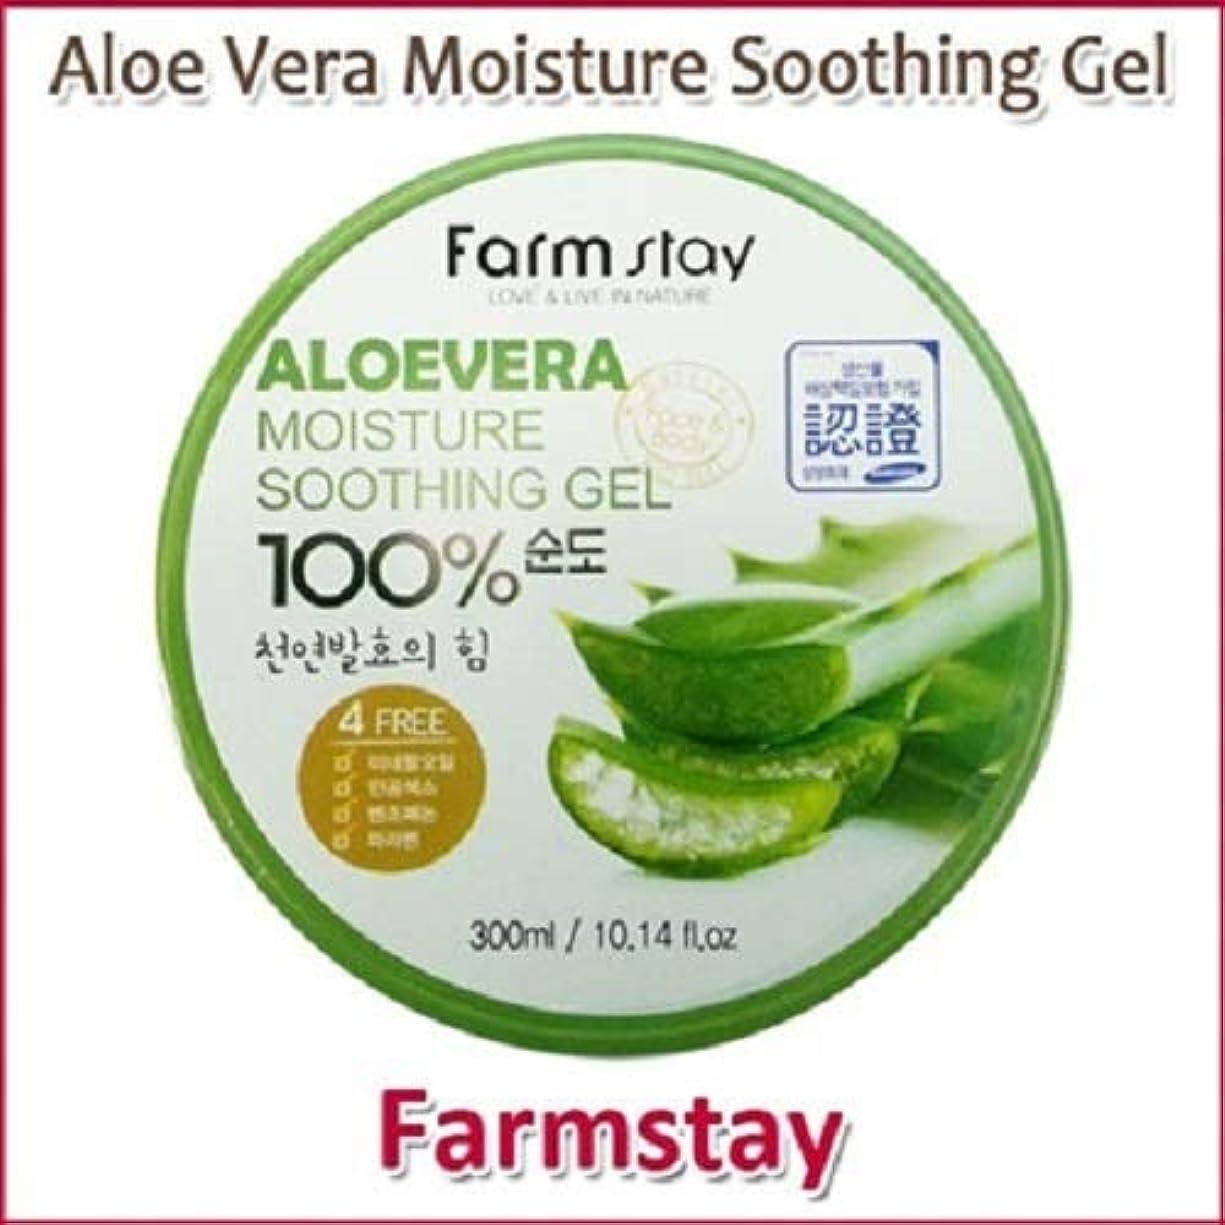 靄ジャンプする確かめるFarm Stay Aloe Vera Moisture Soothing Gel 300ml /オーガニック アロエベラゲル 100%/保湿ケア/韓国コスメ/Aloe Vera 100% /Moisturizing [...